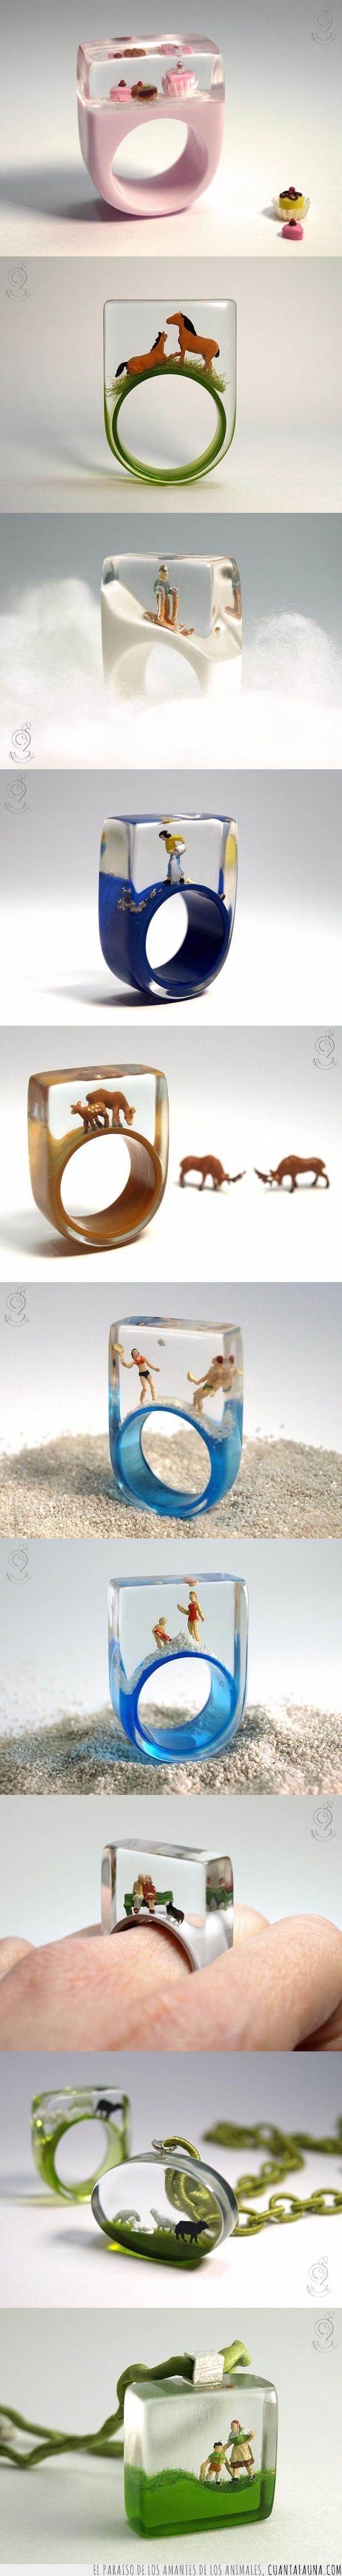 anillo,caballo,cupcake,joya,joyería,miniatura